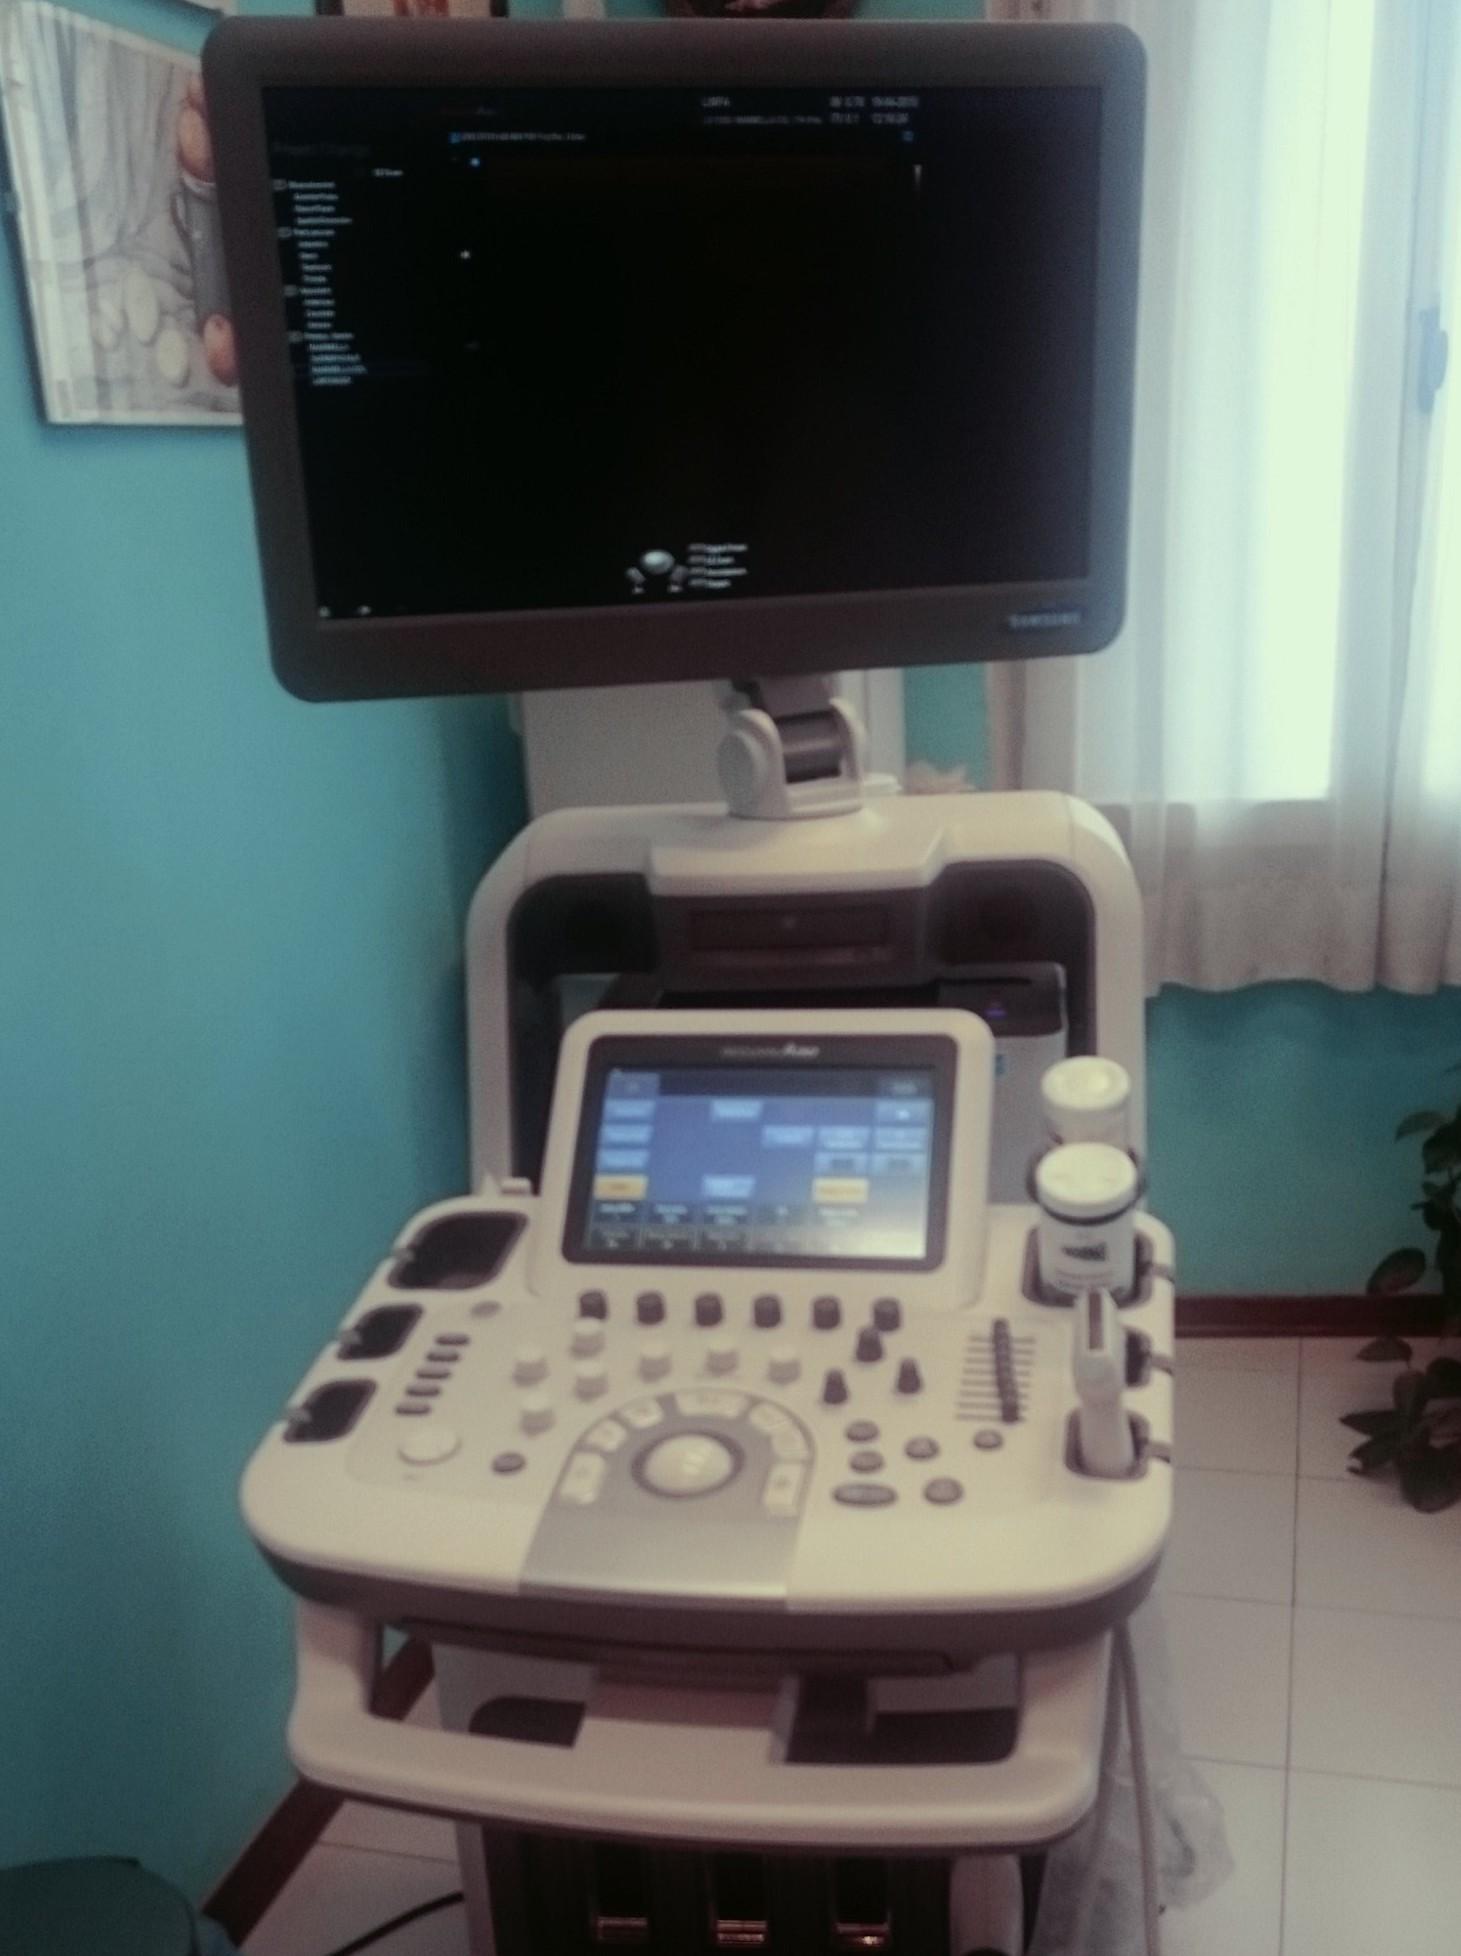 Tumori curati con ultrasuoni: bufera su